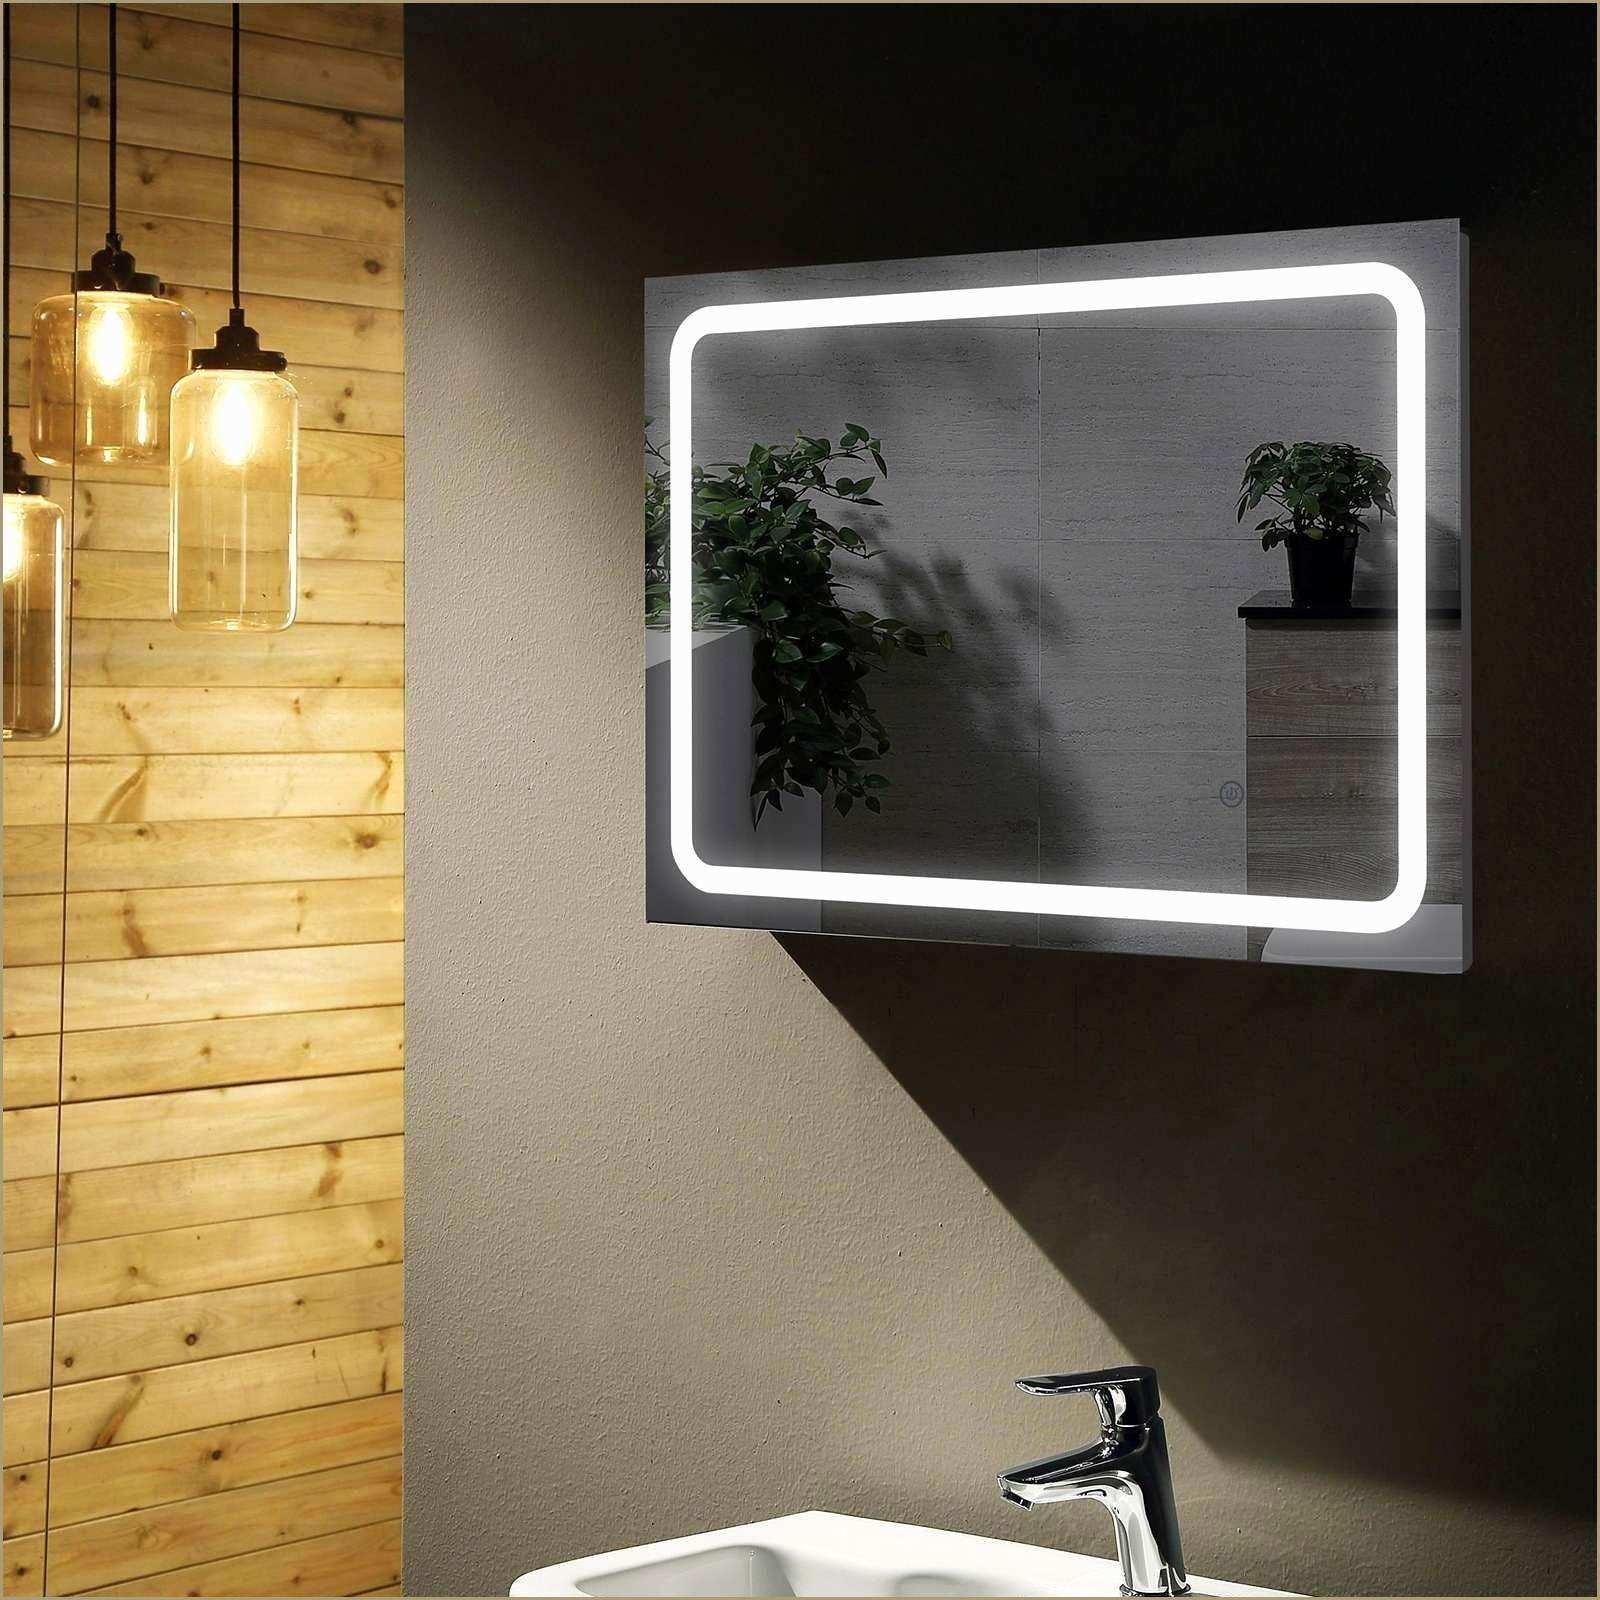 Full Size of Holzlampe Decke Holz Lampen Schn Das Beste Von Wohnzimmer Lampe Deckenlampe Deckenleuchte Deckenleuchten Schlafzimmer Tagesdecke Bett Deckenlampen Badezimmer Wohnzimmer Holzlampe Decke